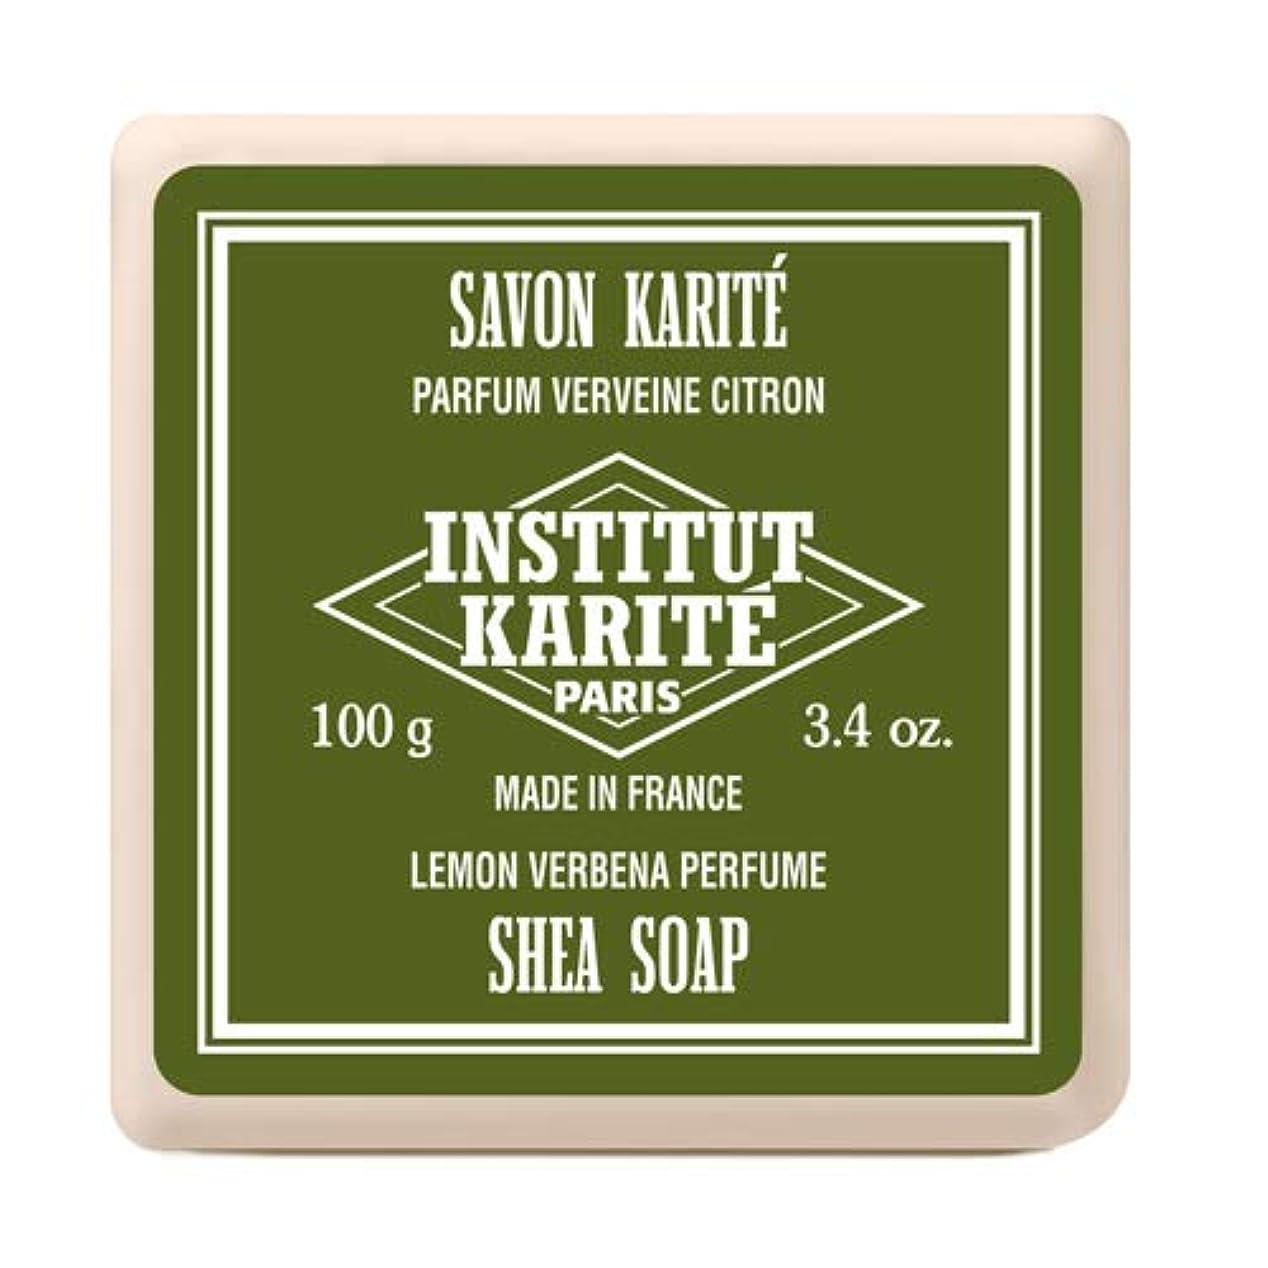 回復潮談話INSTITUT KARITE インスティテュート カリテ Shea Wrapped Soap シアソープ 100g Lemon Vervena レモンバーベナ